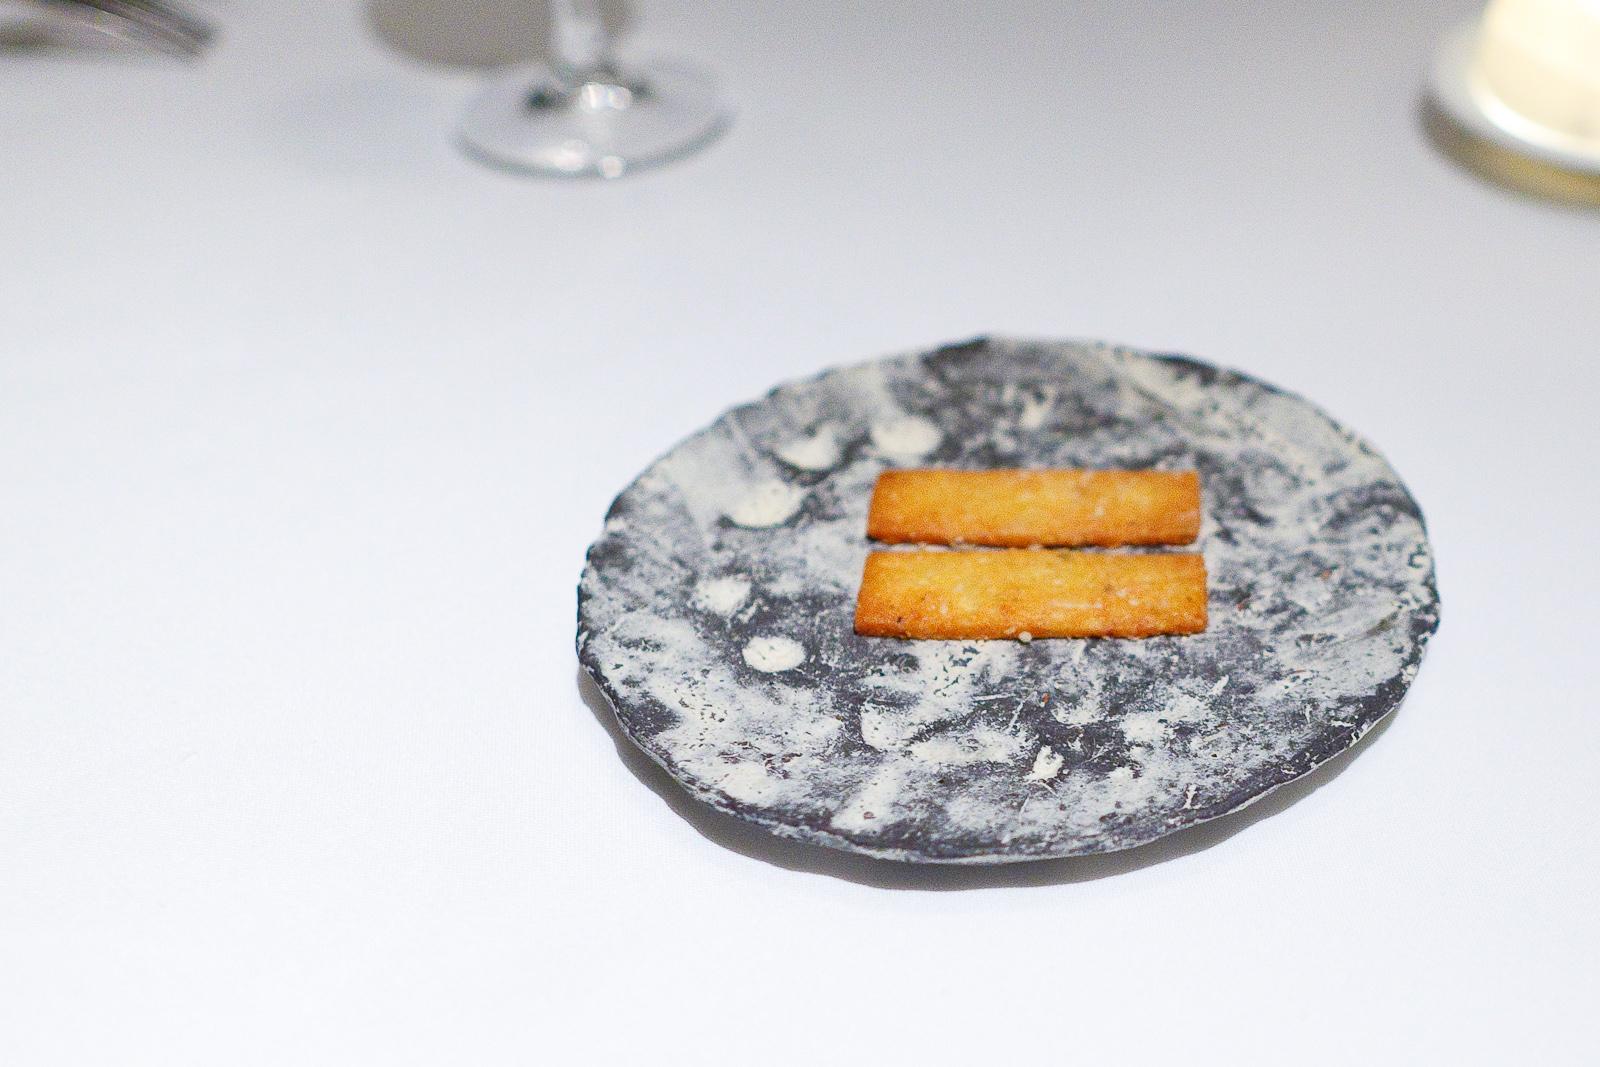 1st Course: Roquefort cheese sablé